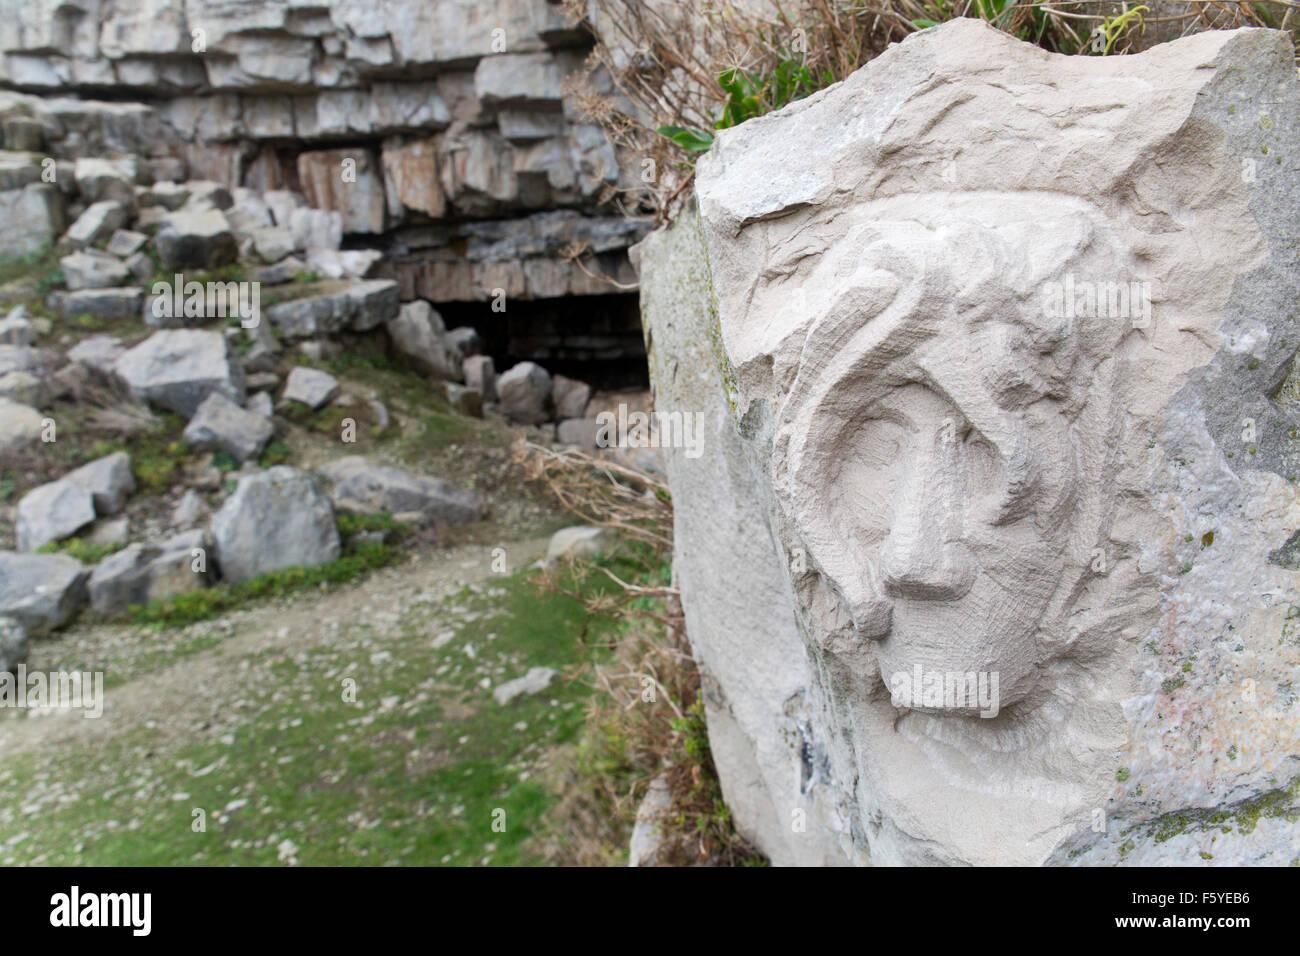 Intaglio di una testa cava Winspit Worth Matravers; Dorset, Regno Unito Immagini Stock